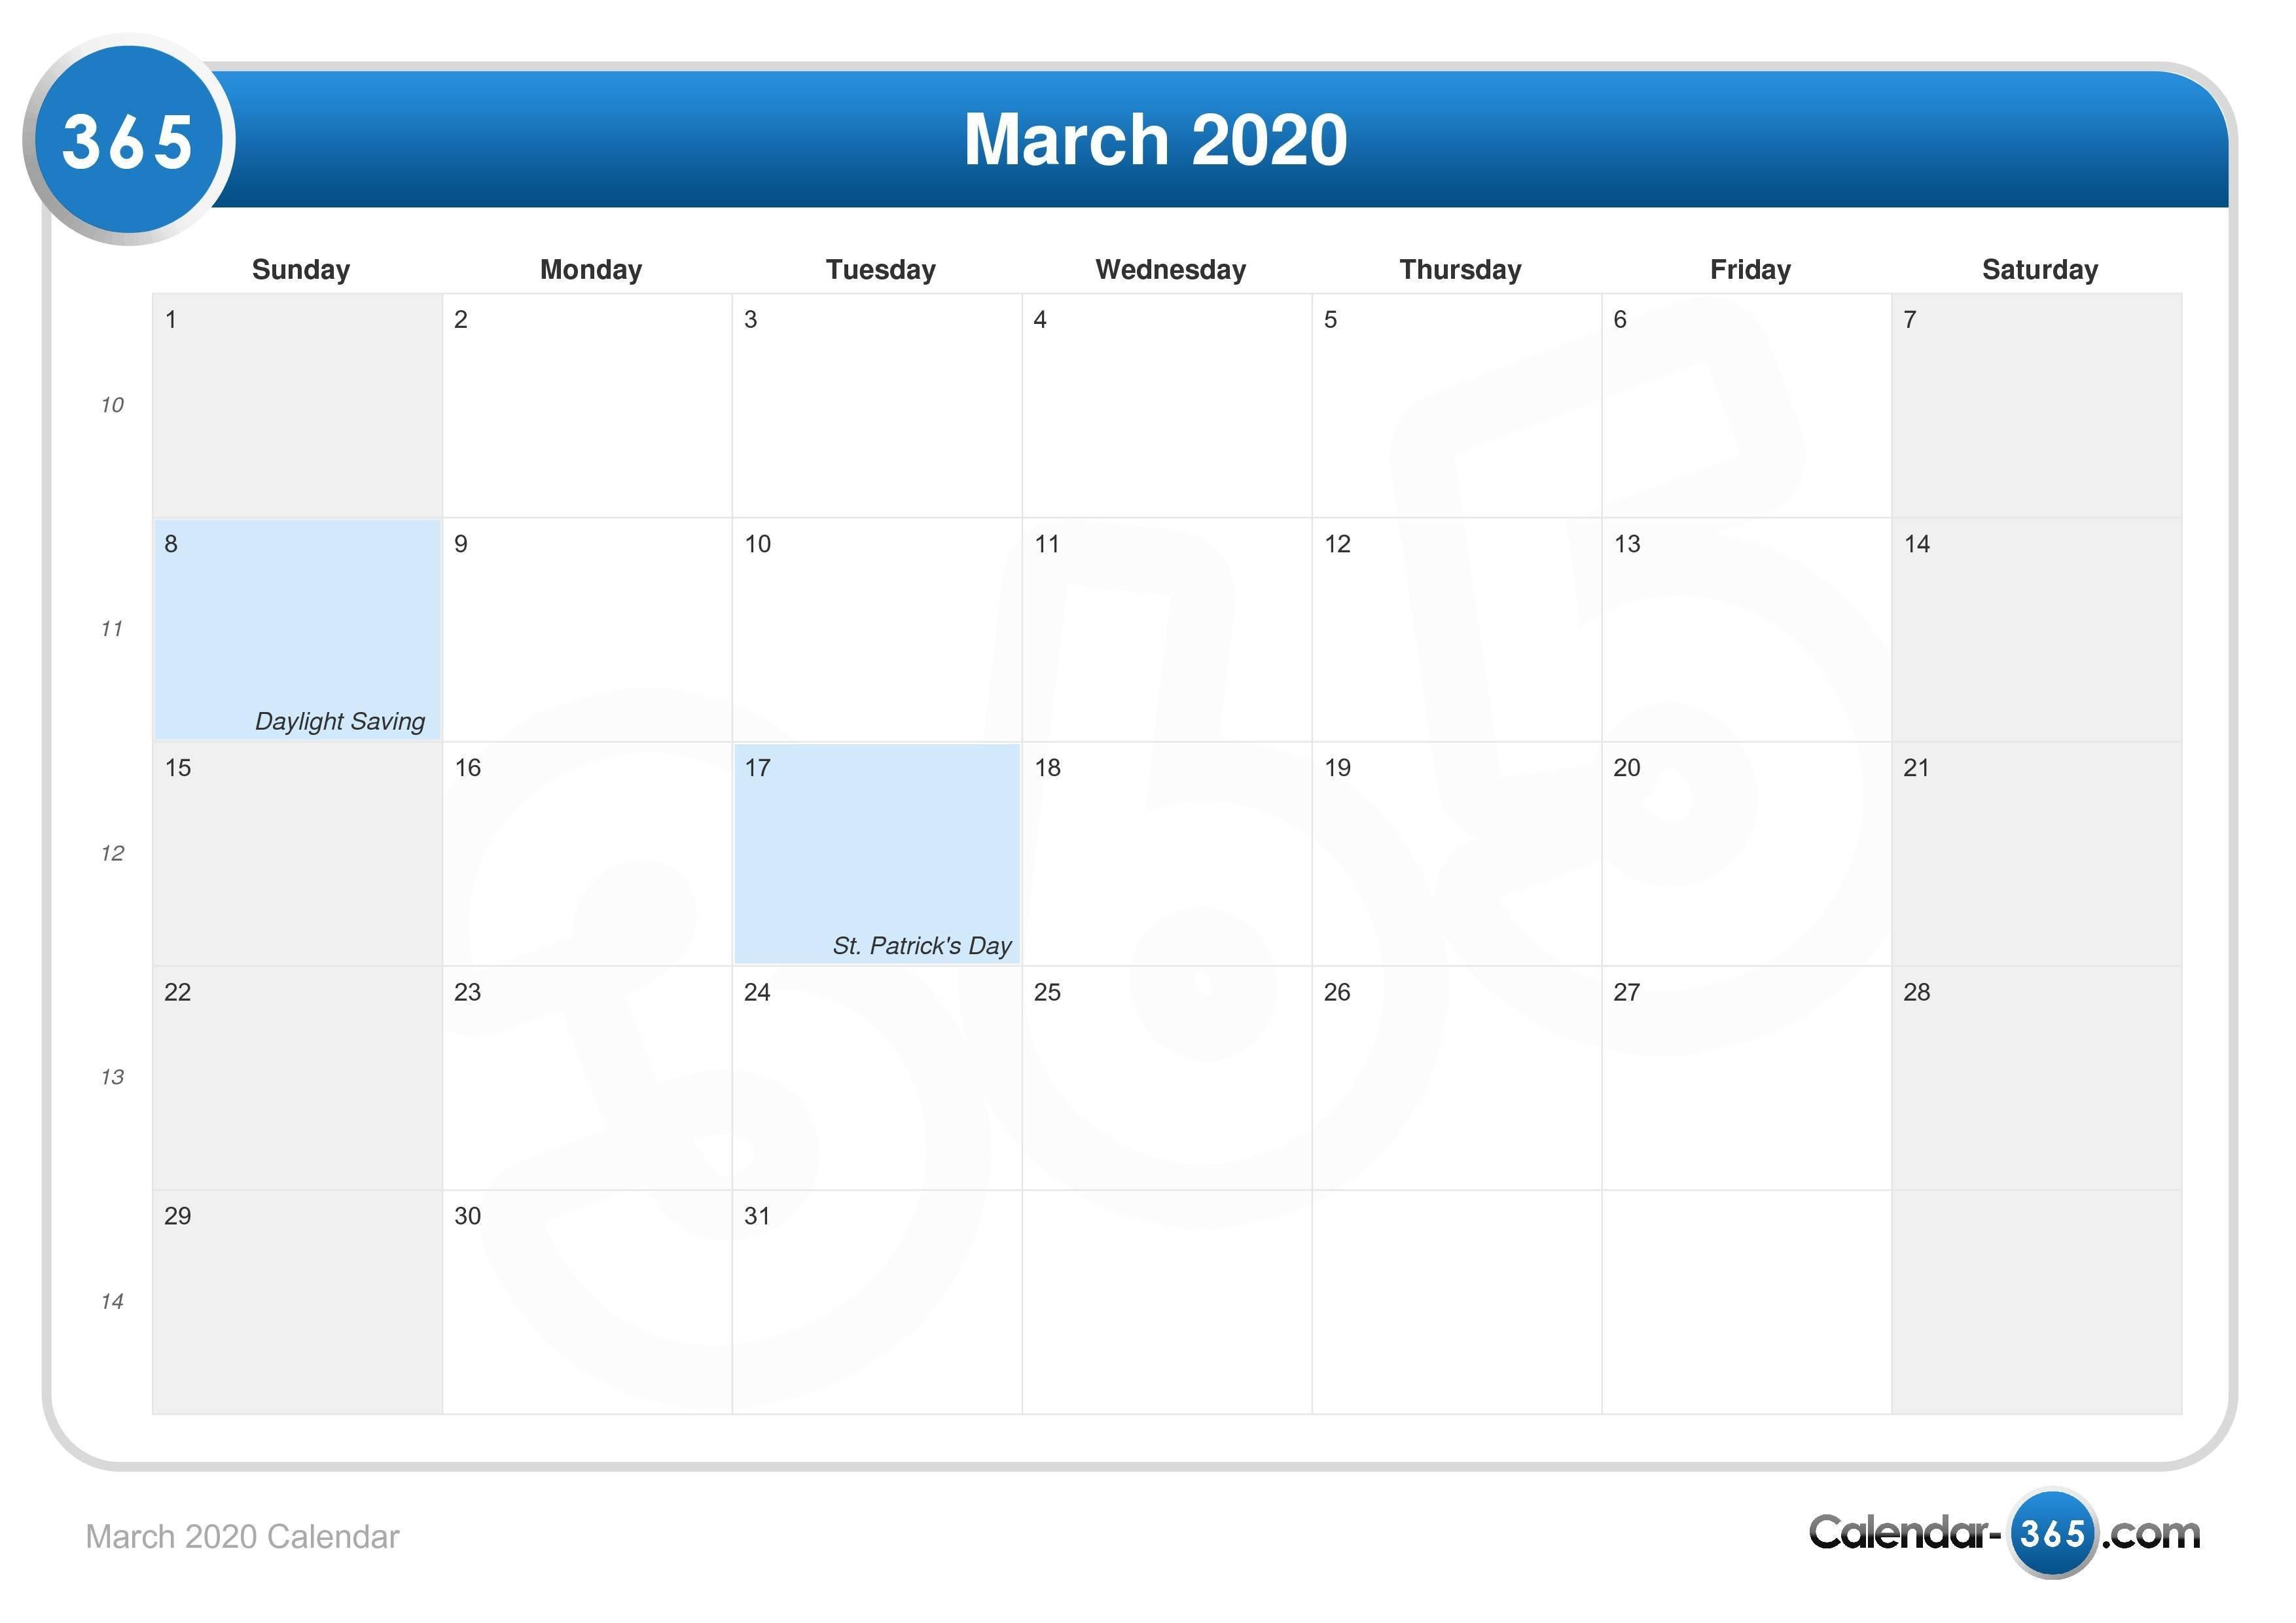 March 2020 Calendar March Last 2 Weeks Calendar